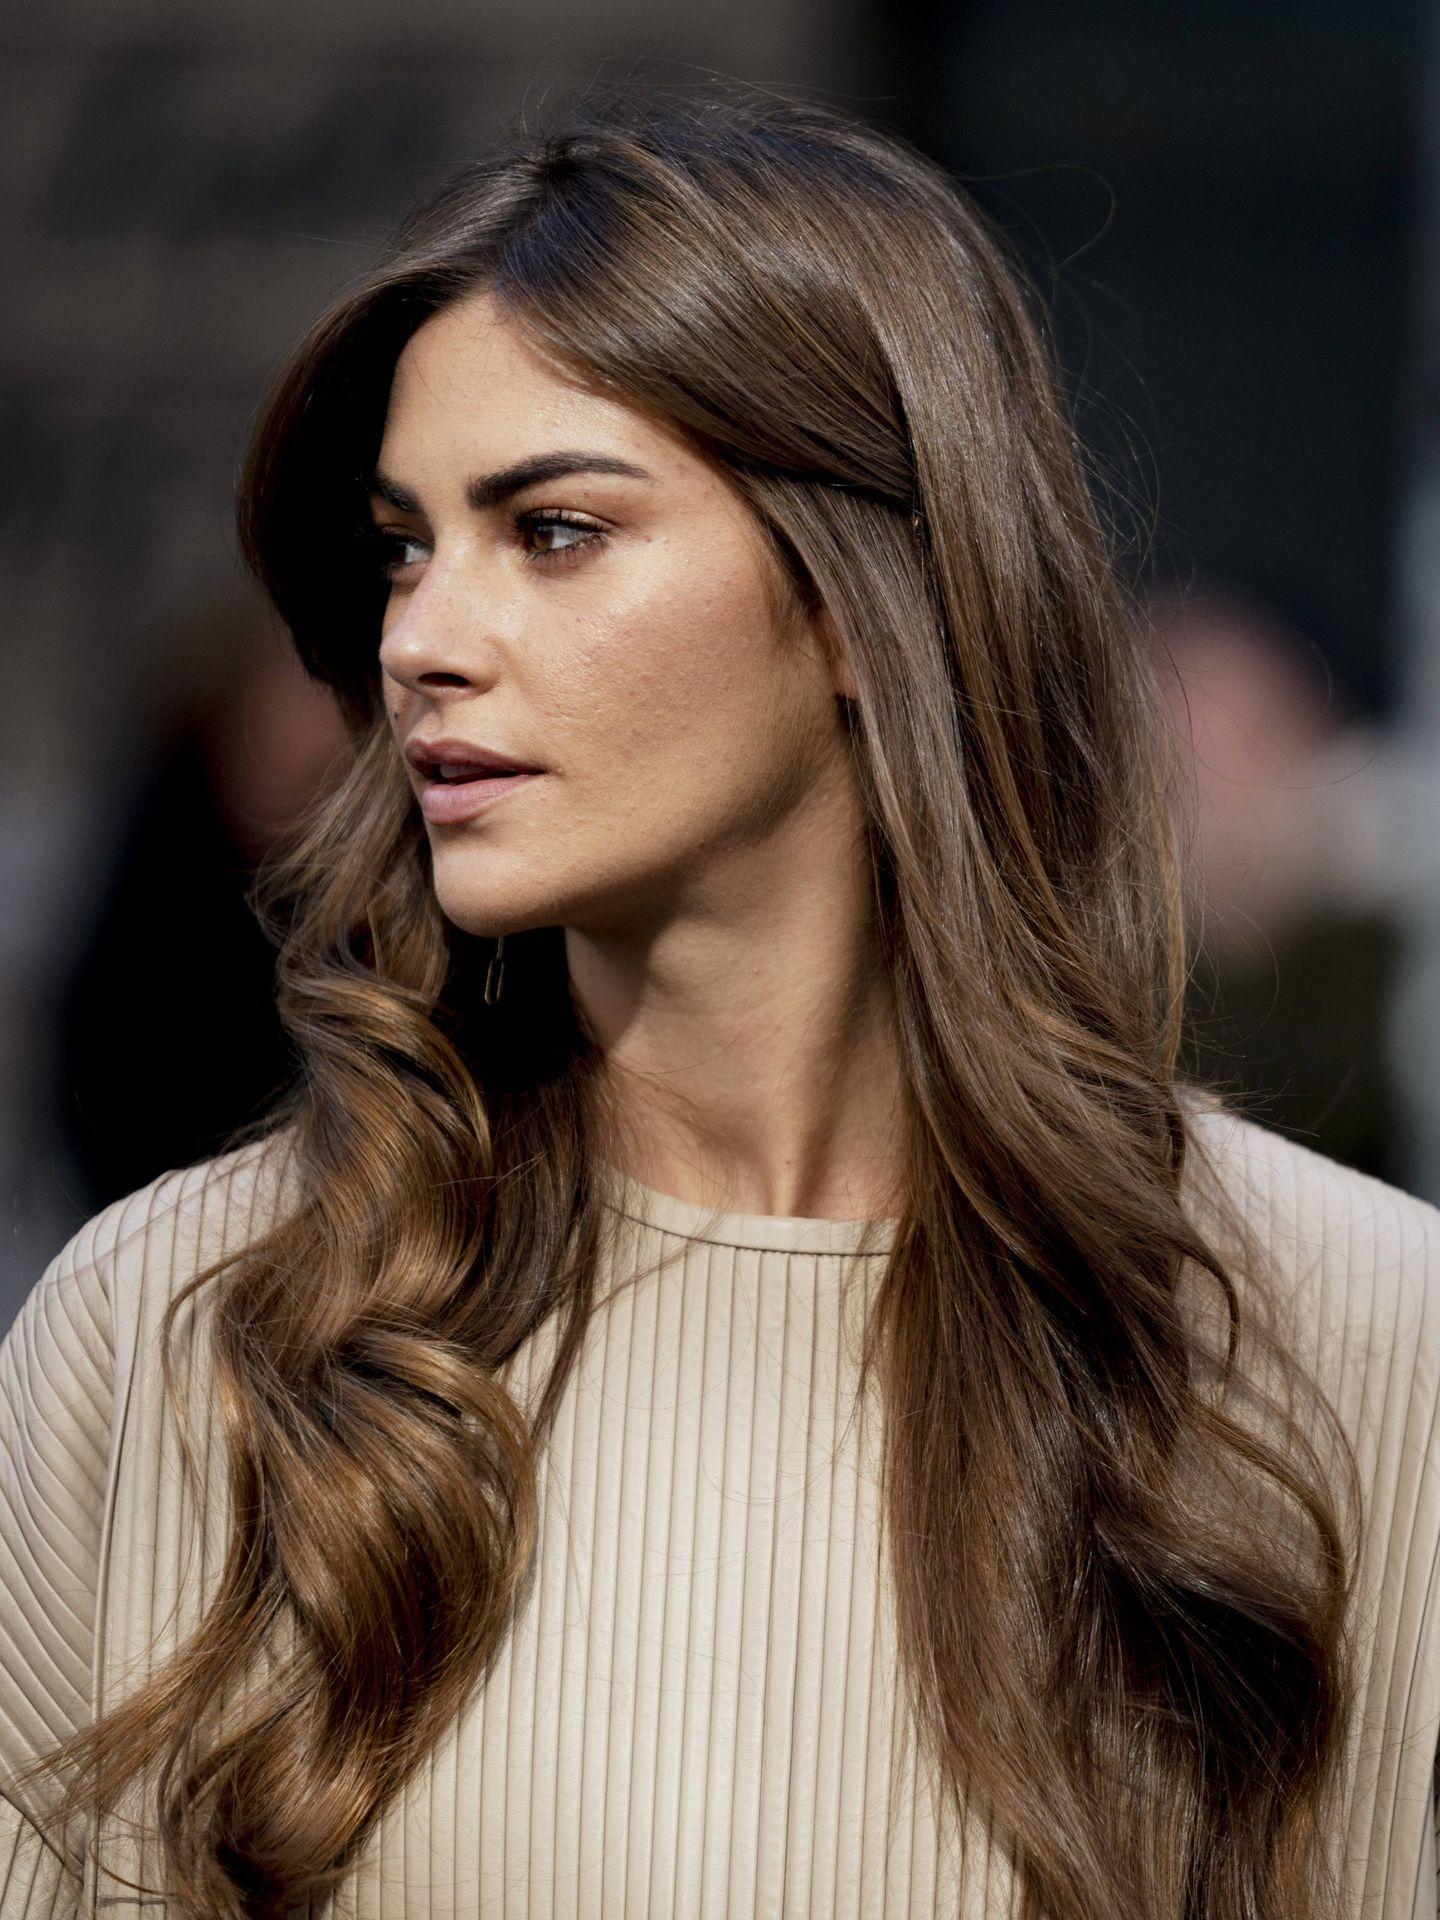 El glass hair es un tratamiento hidratante que mejora el acabado del cabello. (Imaxtree)